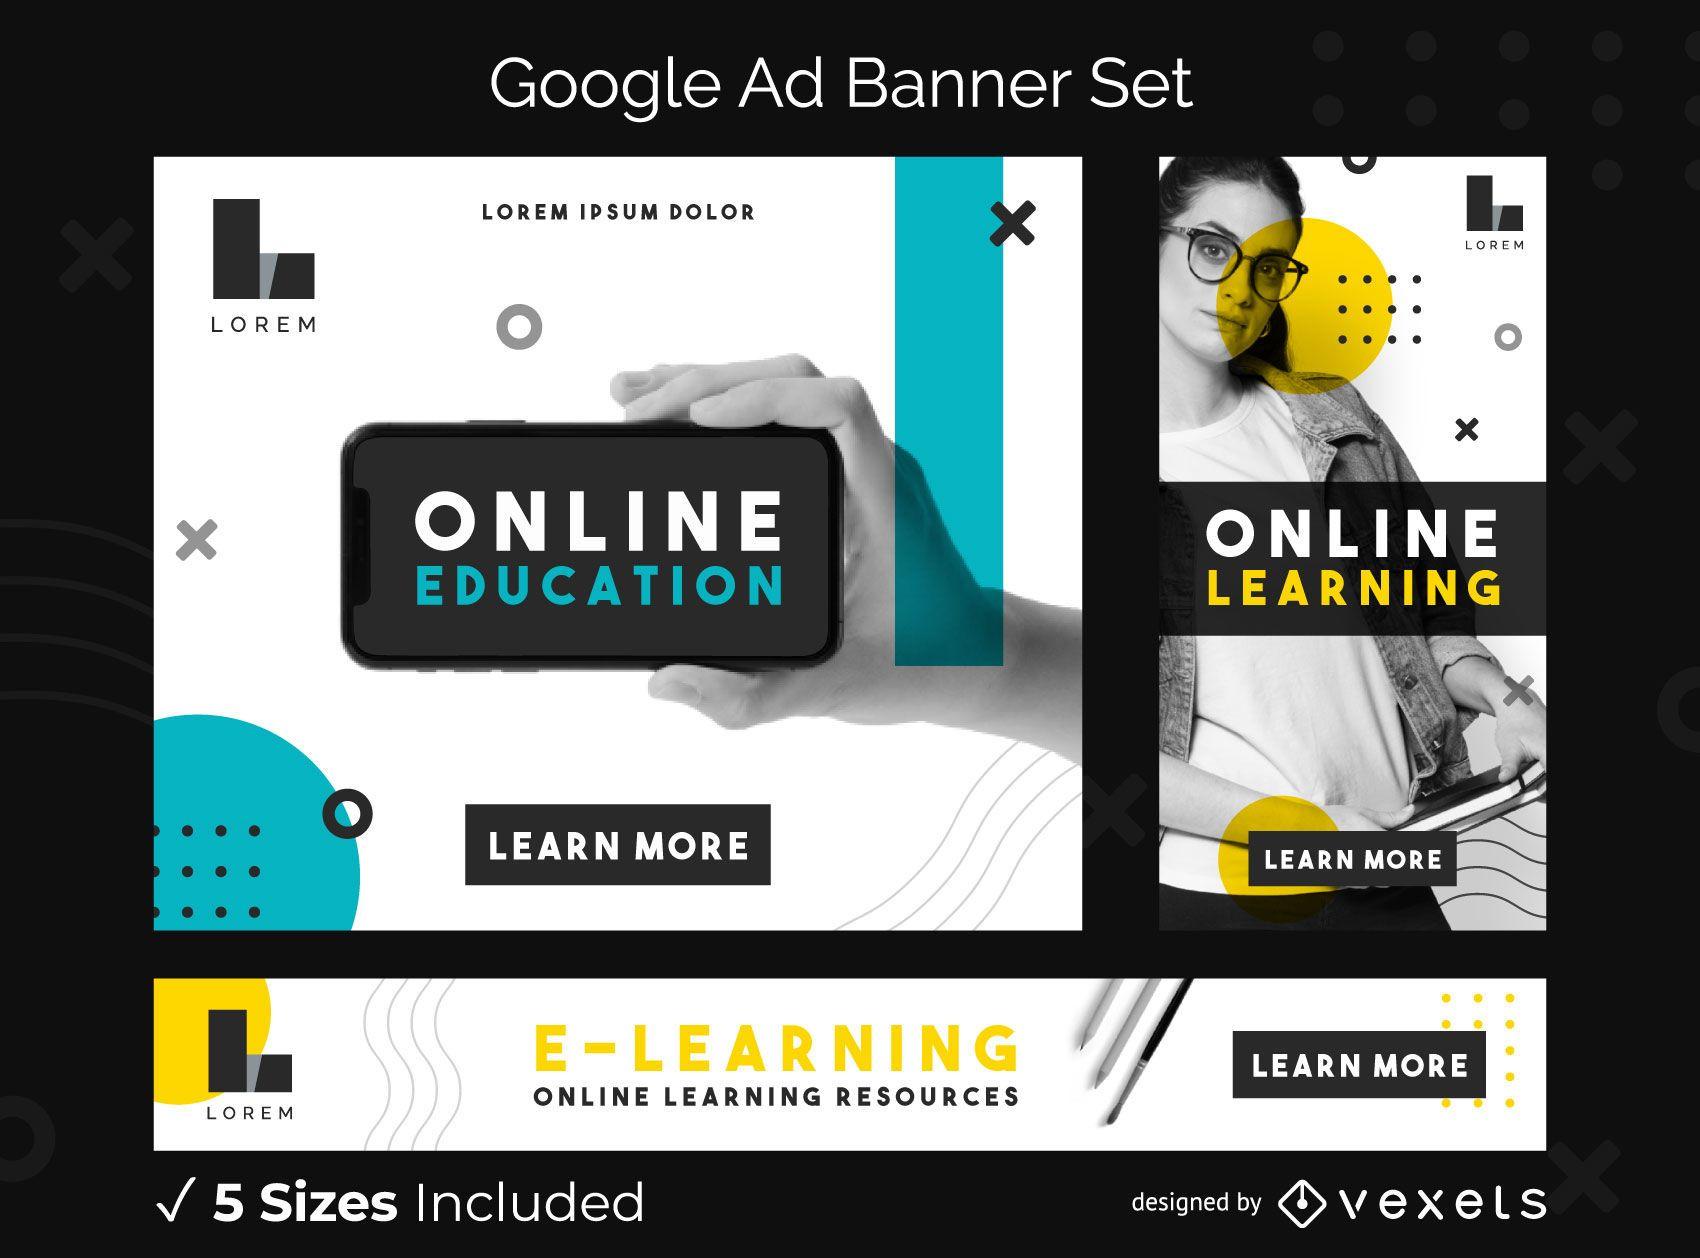 Conjunto de banners do Google Ads para educação online